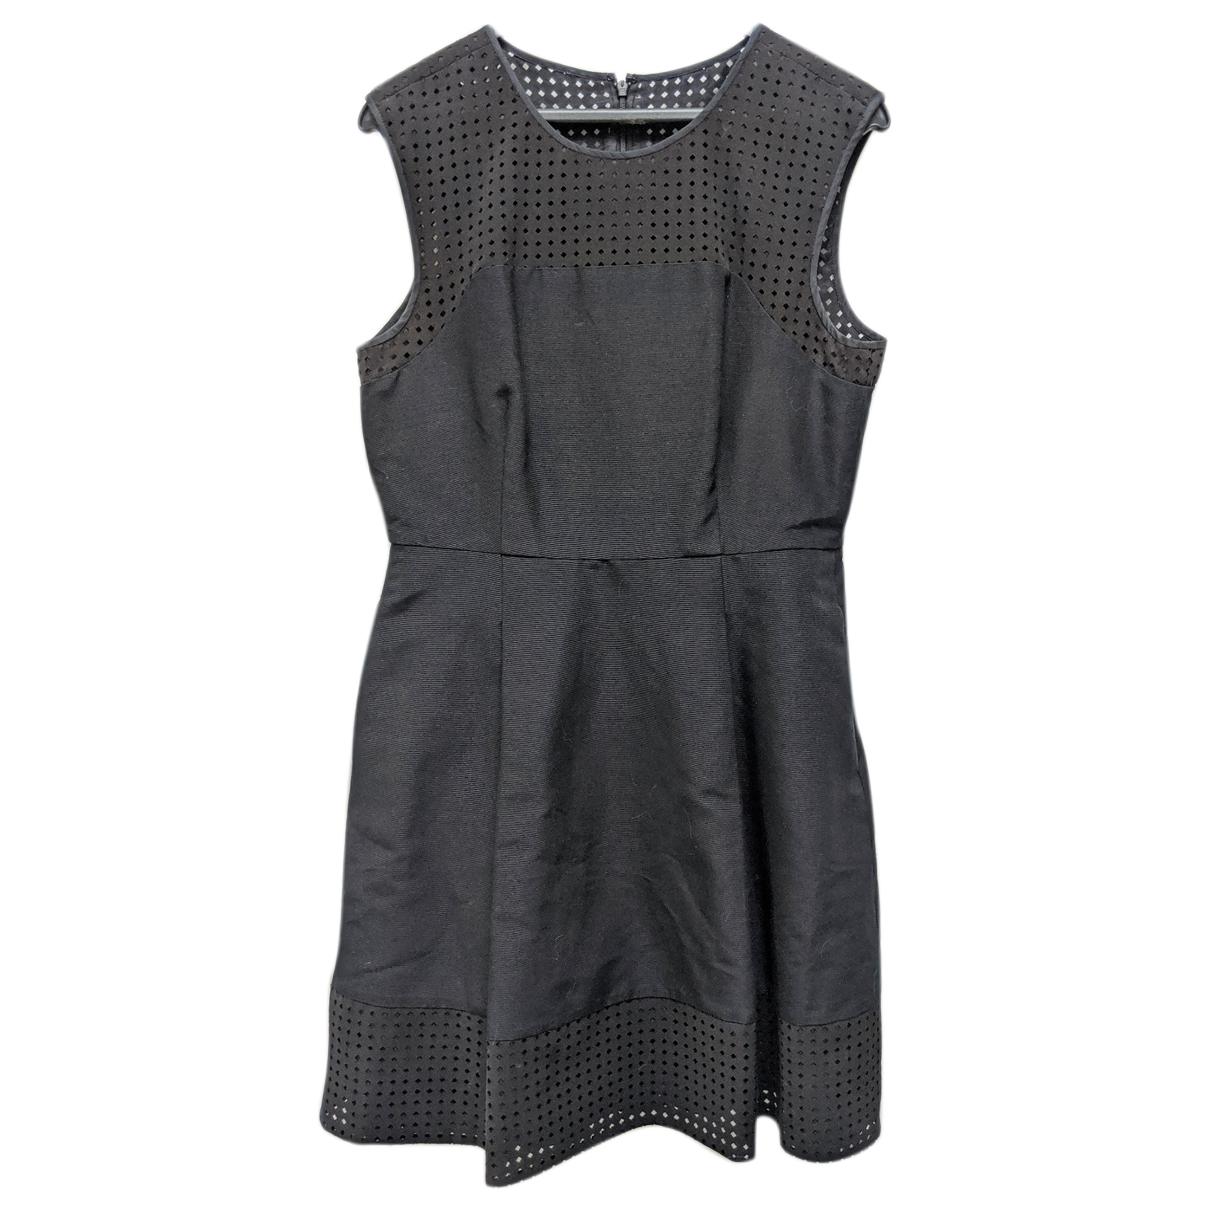 J.crew \N Black dress for Women 8 US